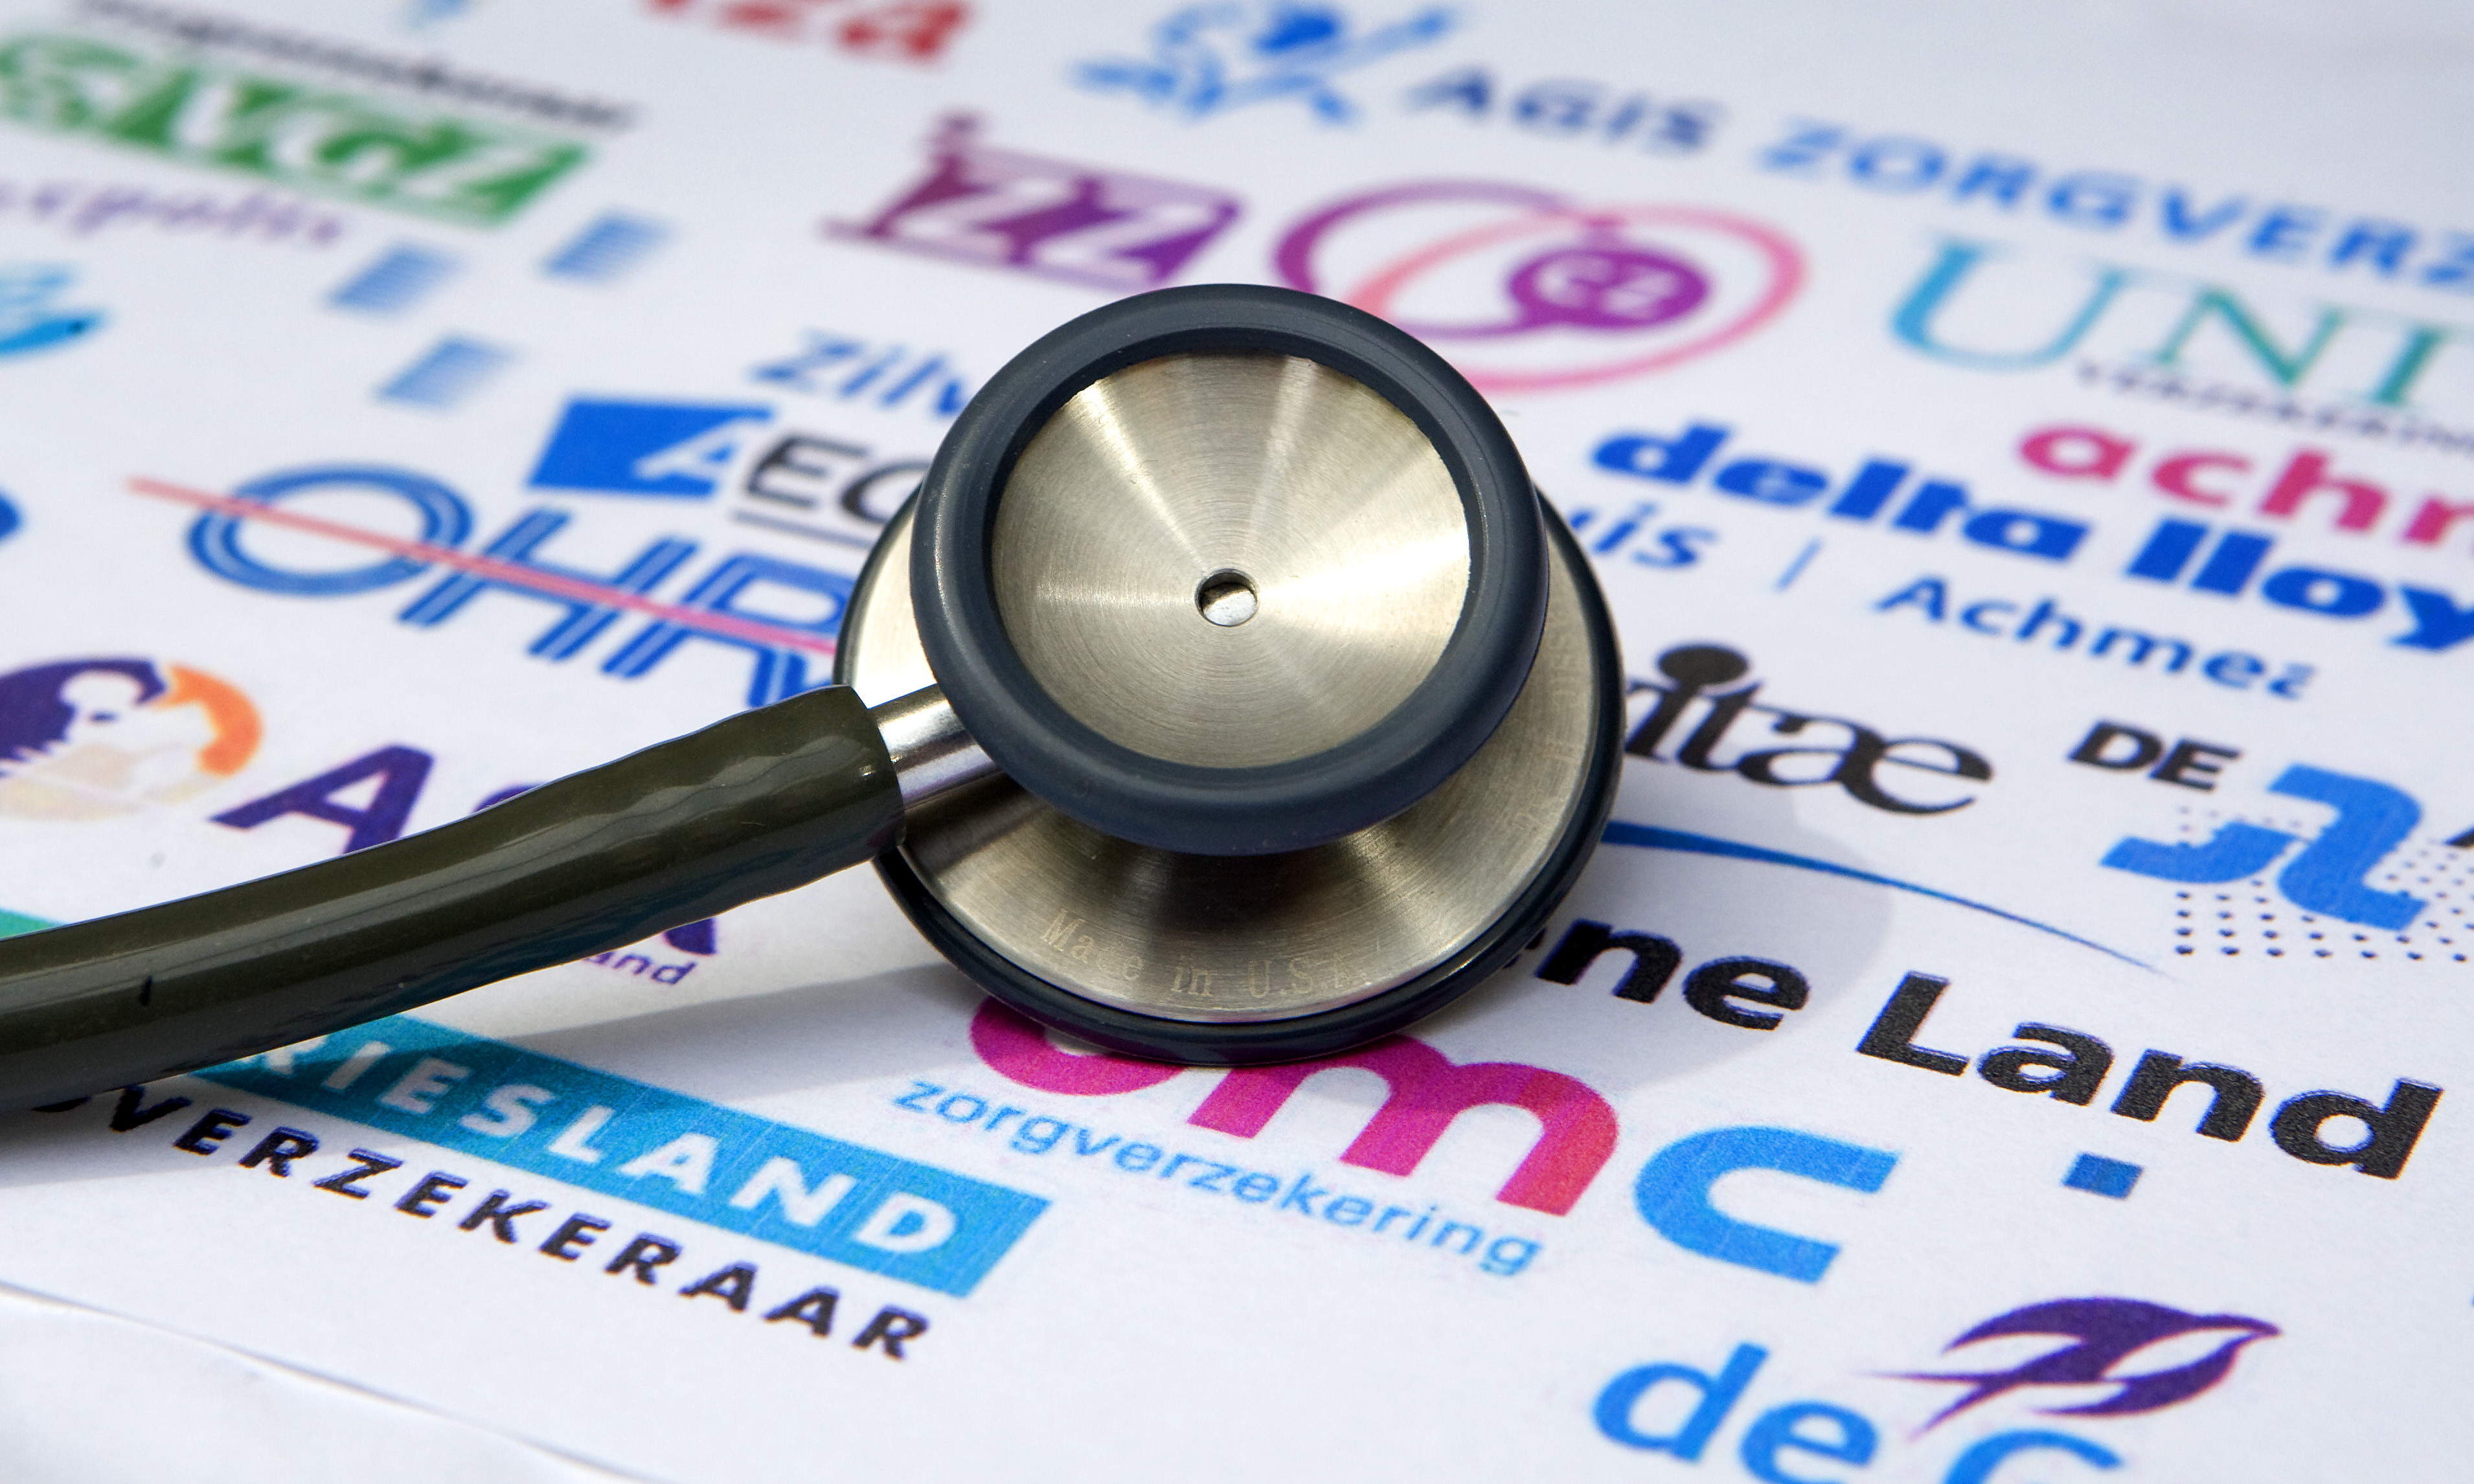 Keuzevrijheid zorgverzekering ambtenaren vertaalt zich niet in keuzevrijheid minima